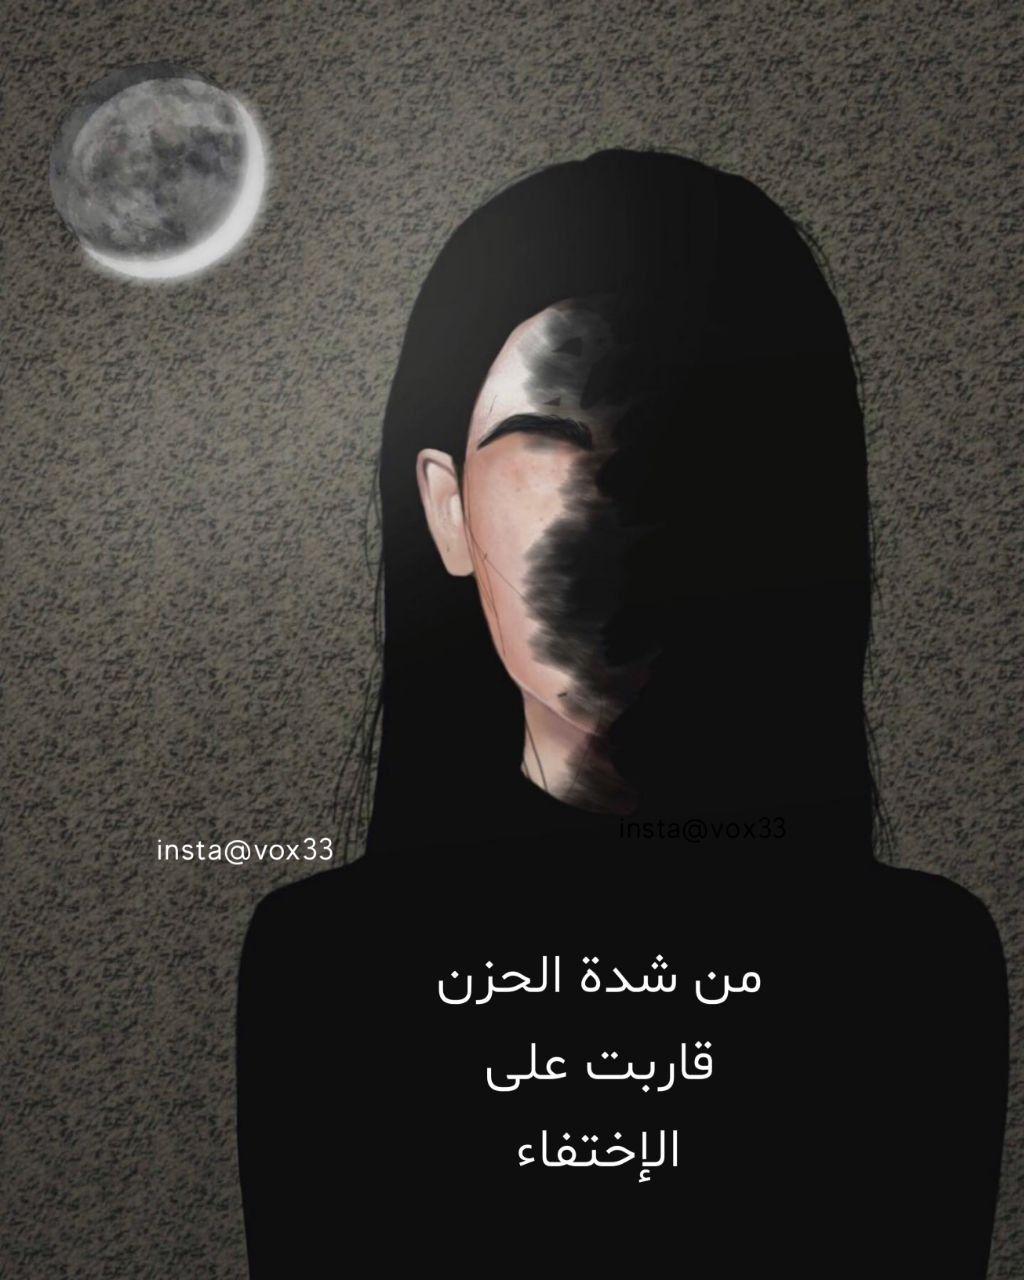 اقتباسات تصاميم صور ظل ظلام Photo And Video Instagram Photo